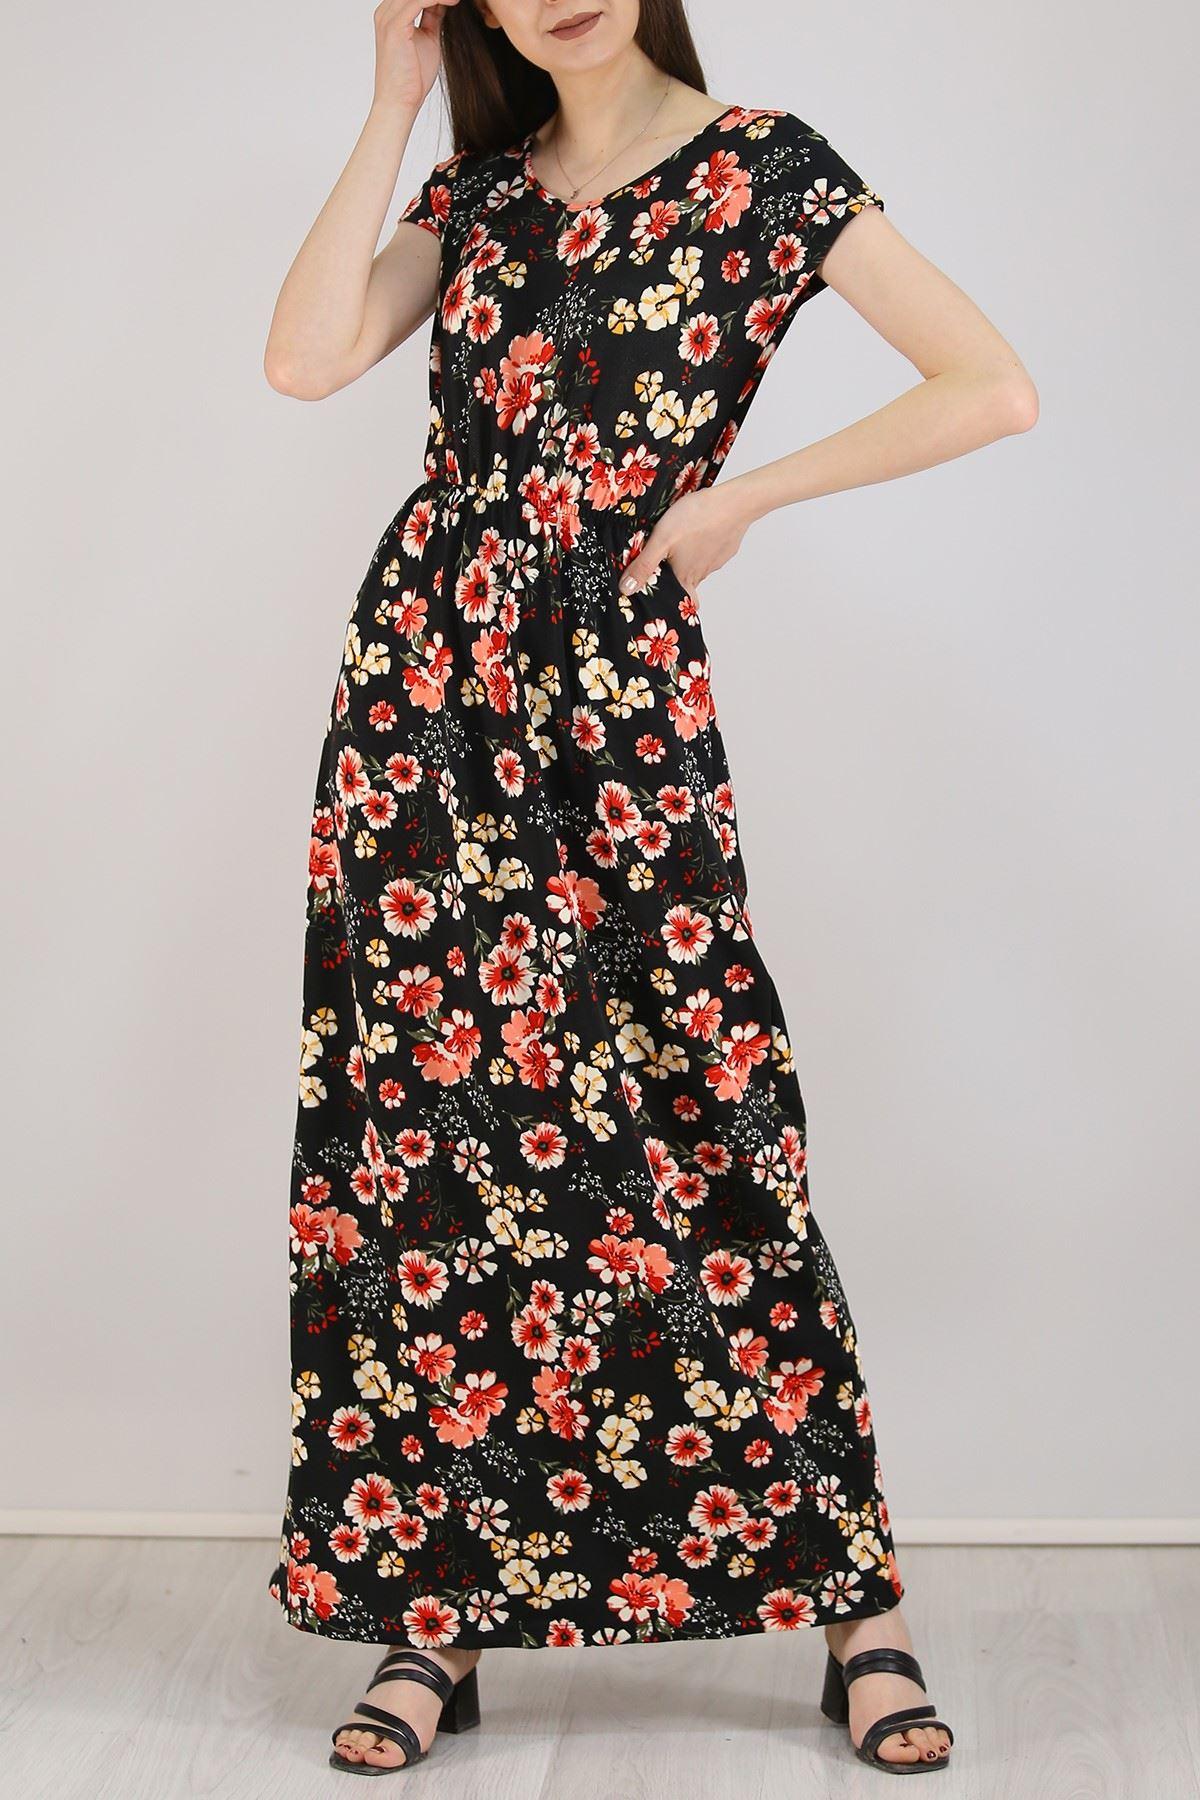 Desenli Elbise Kırmızıçiçekli - 5088.716. Toptan